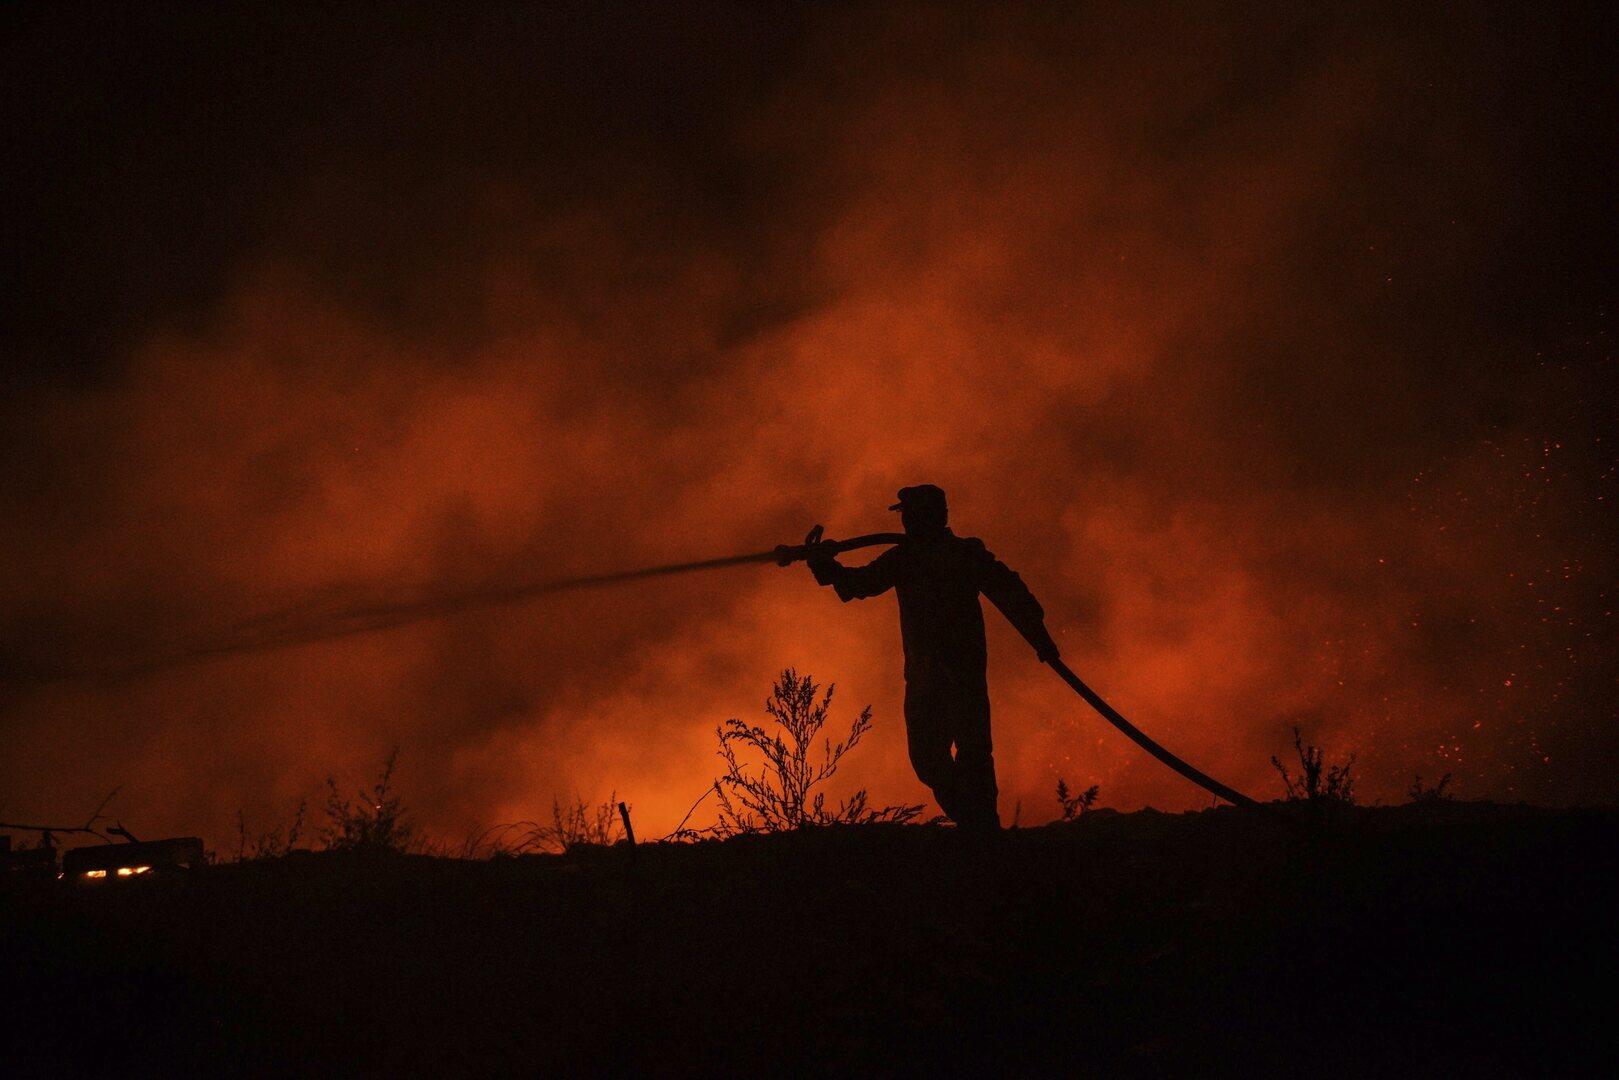 دخان كثيف بسماء الأردن إثر حرائق غابات بتركيا ولبنان